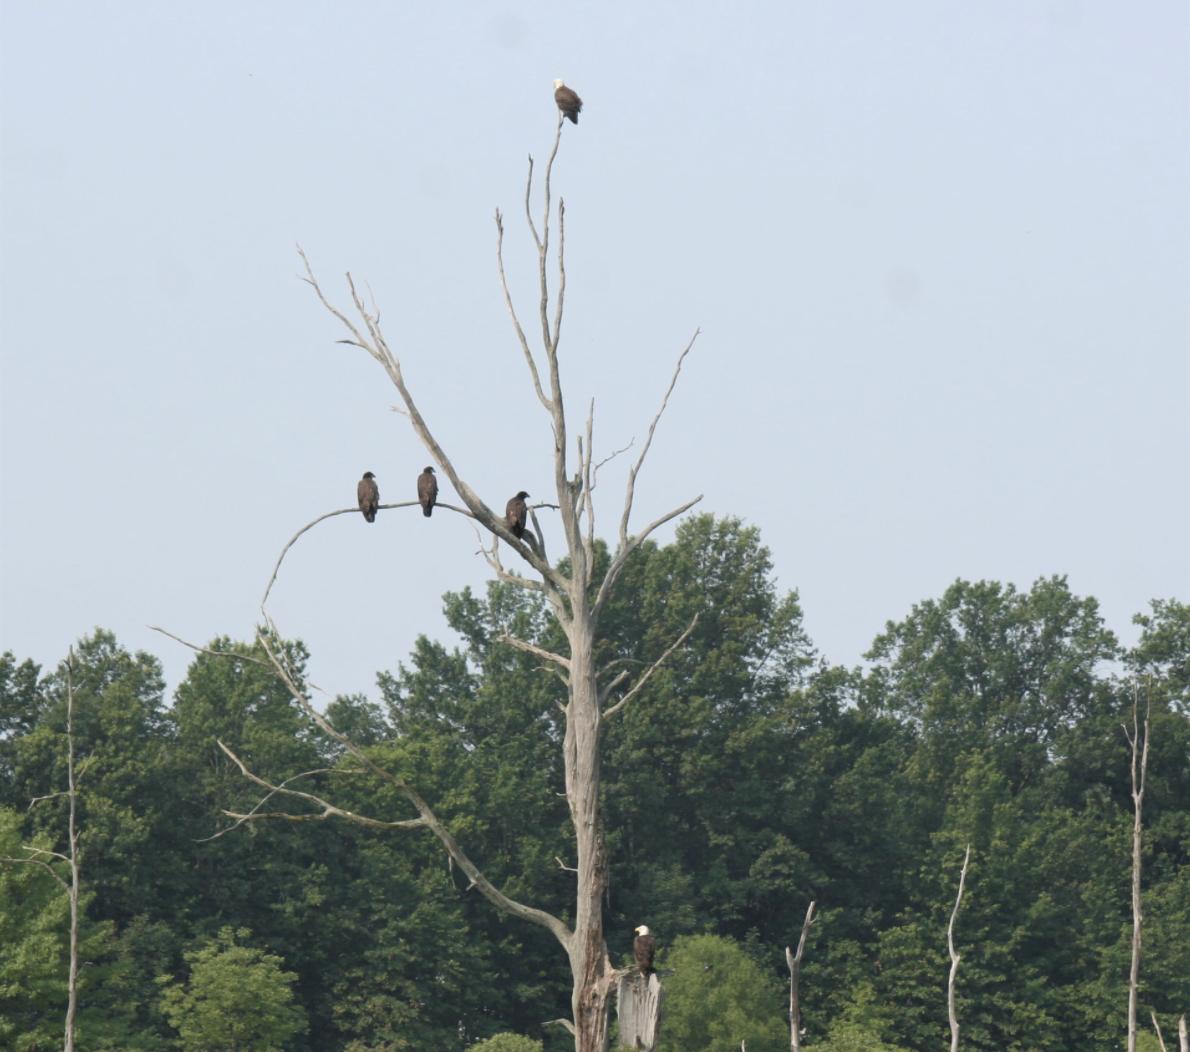 Bald eagles Sandy Ridge Reservation